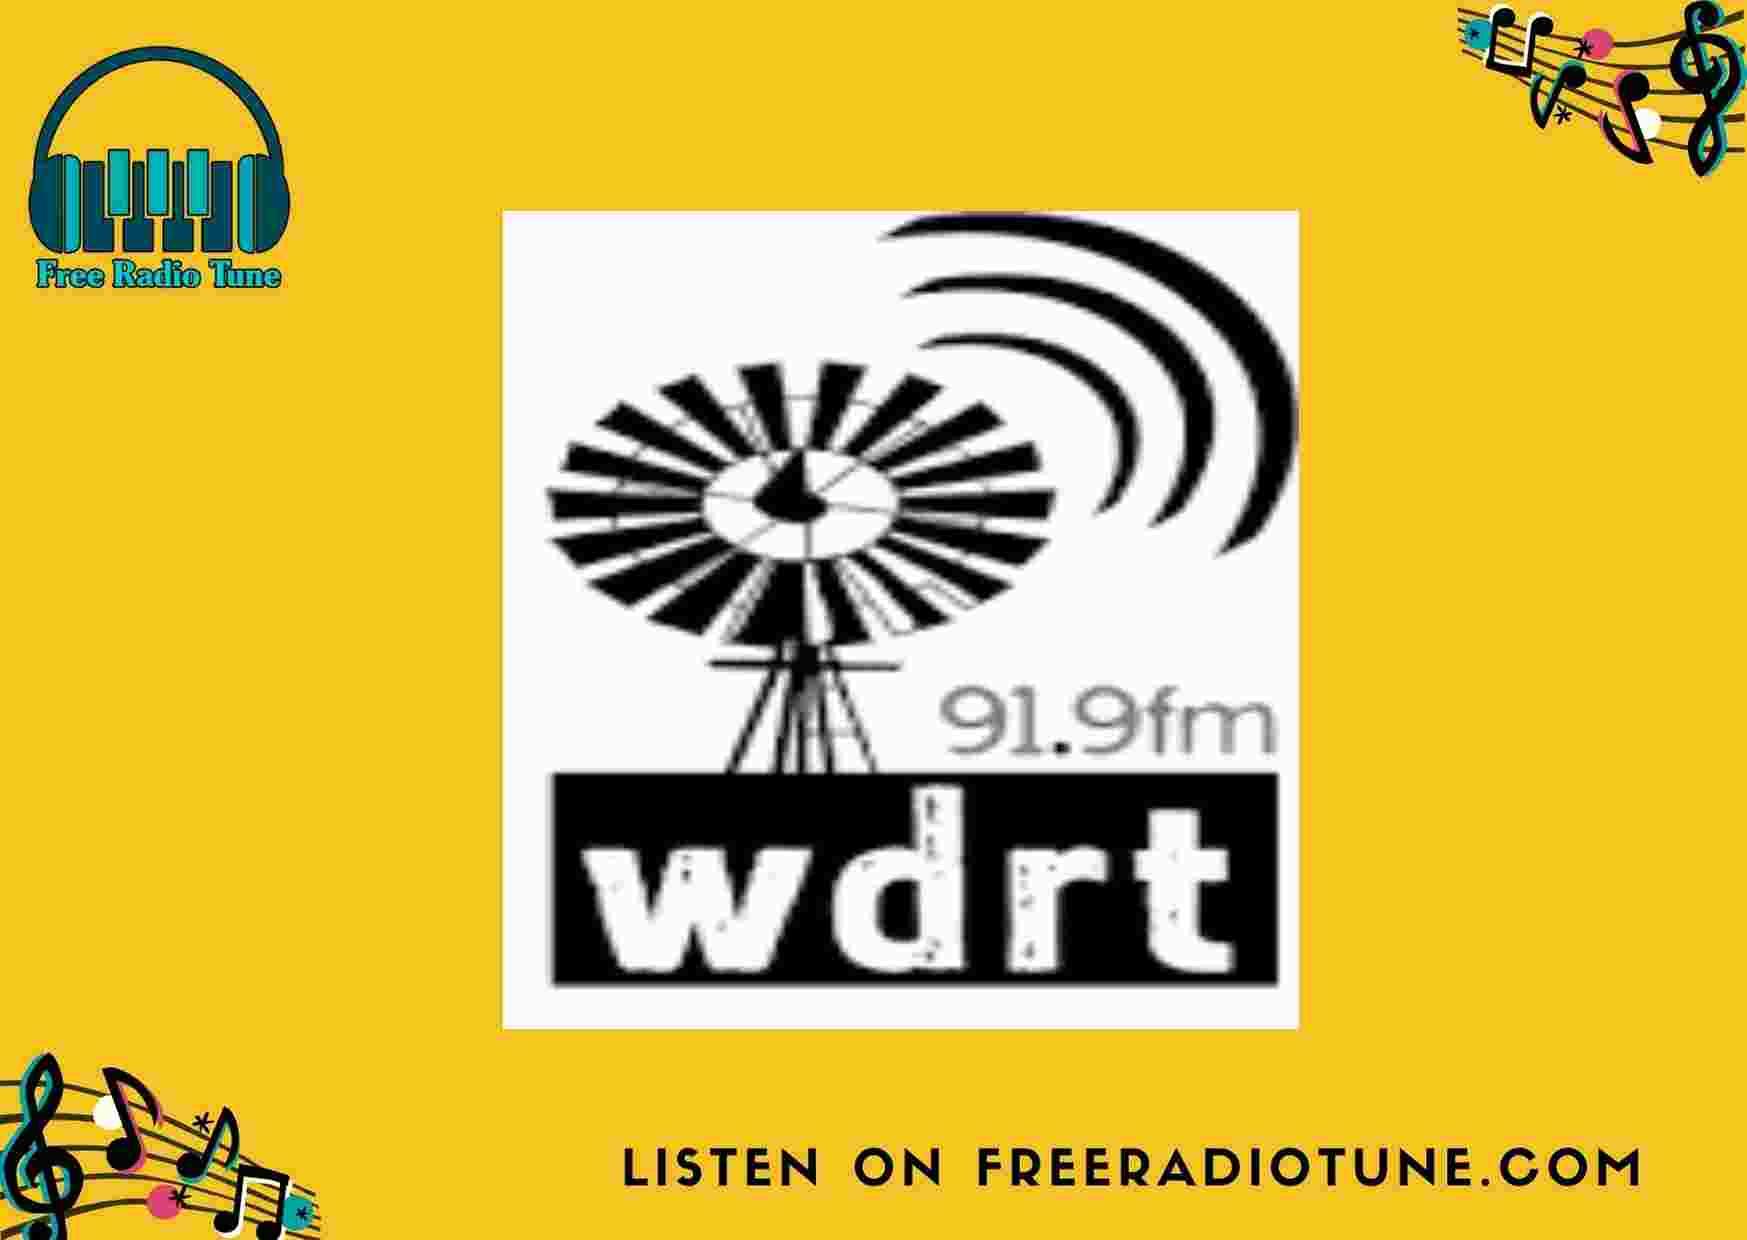 LISETN TO WDRT 91.9 FM LIVE ONLINE